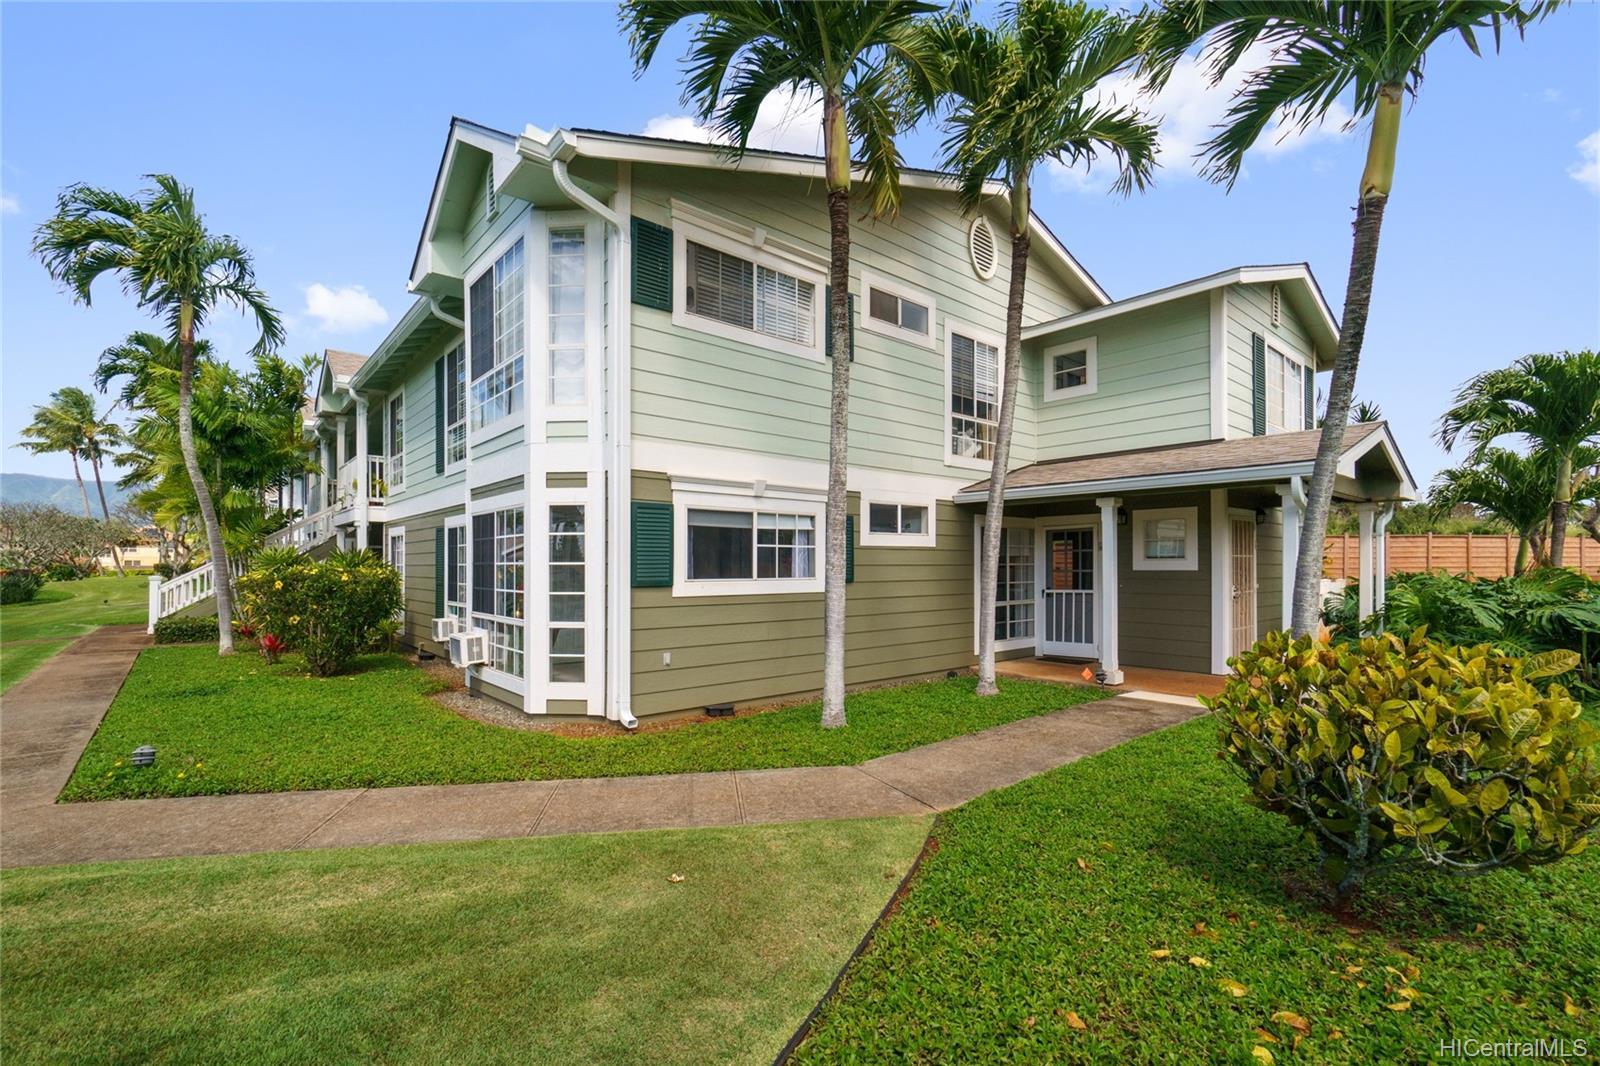 Waikele Commmunity Association townhouse # G104, Waipahu, Hawaii - photo 21 of 21